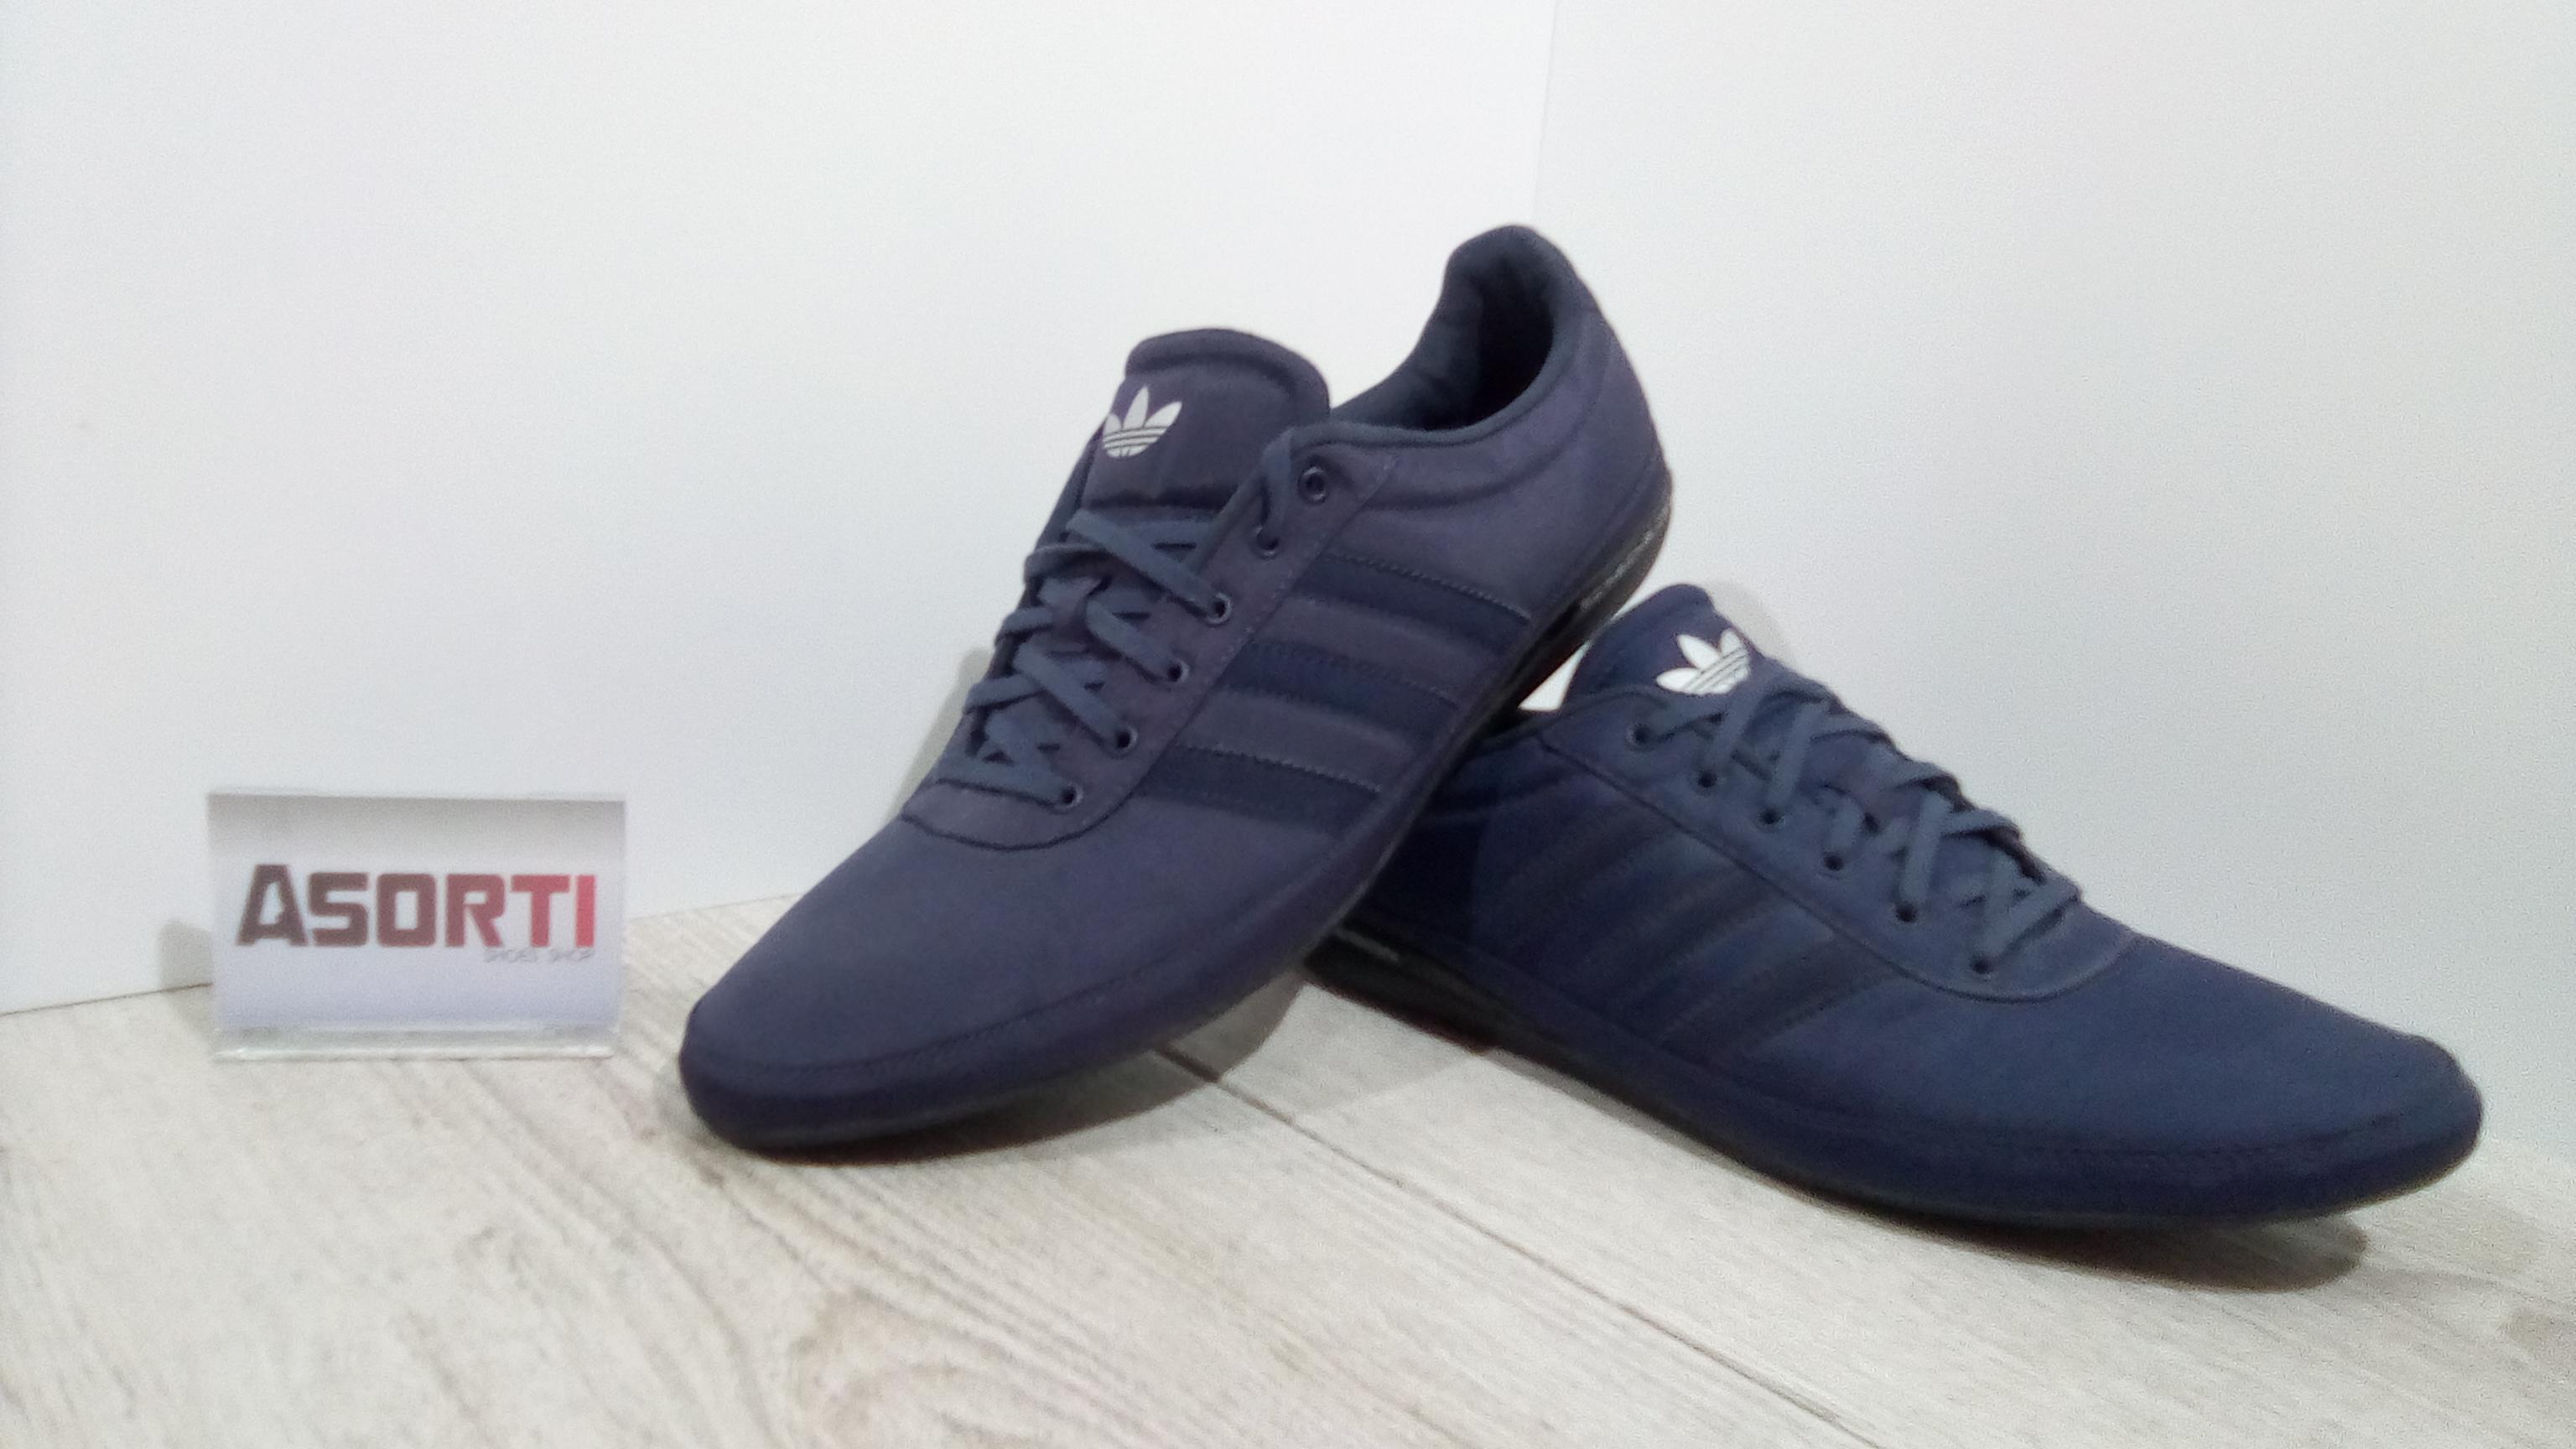 25a8e855fab5 Мужские кроссовки Adidas Porsche Design S3 (G62107) синие купить в ...